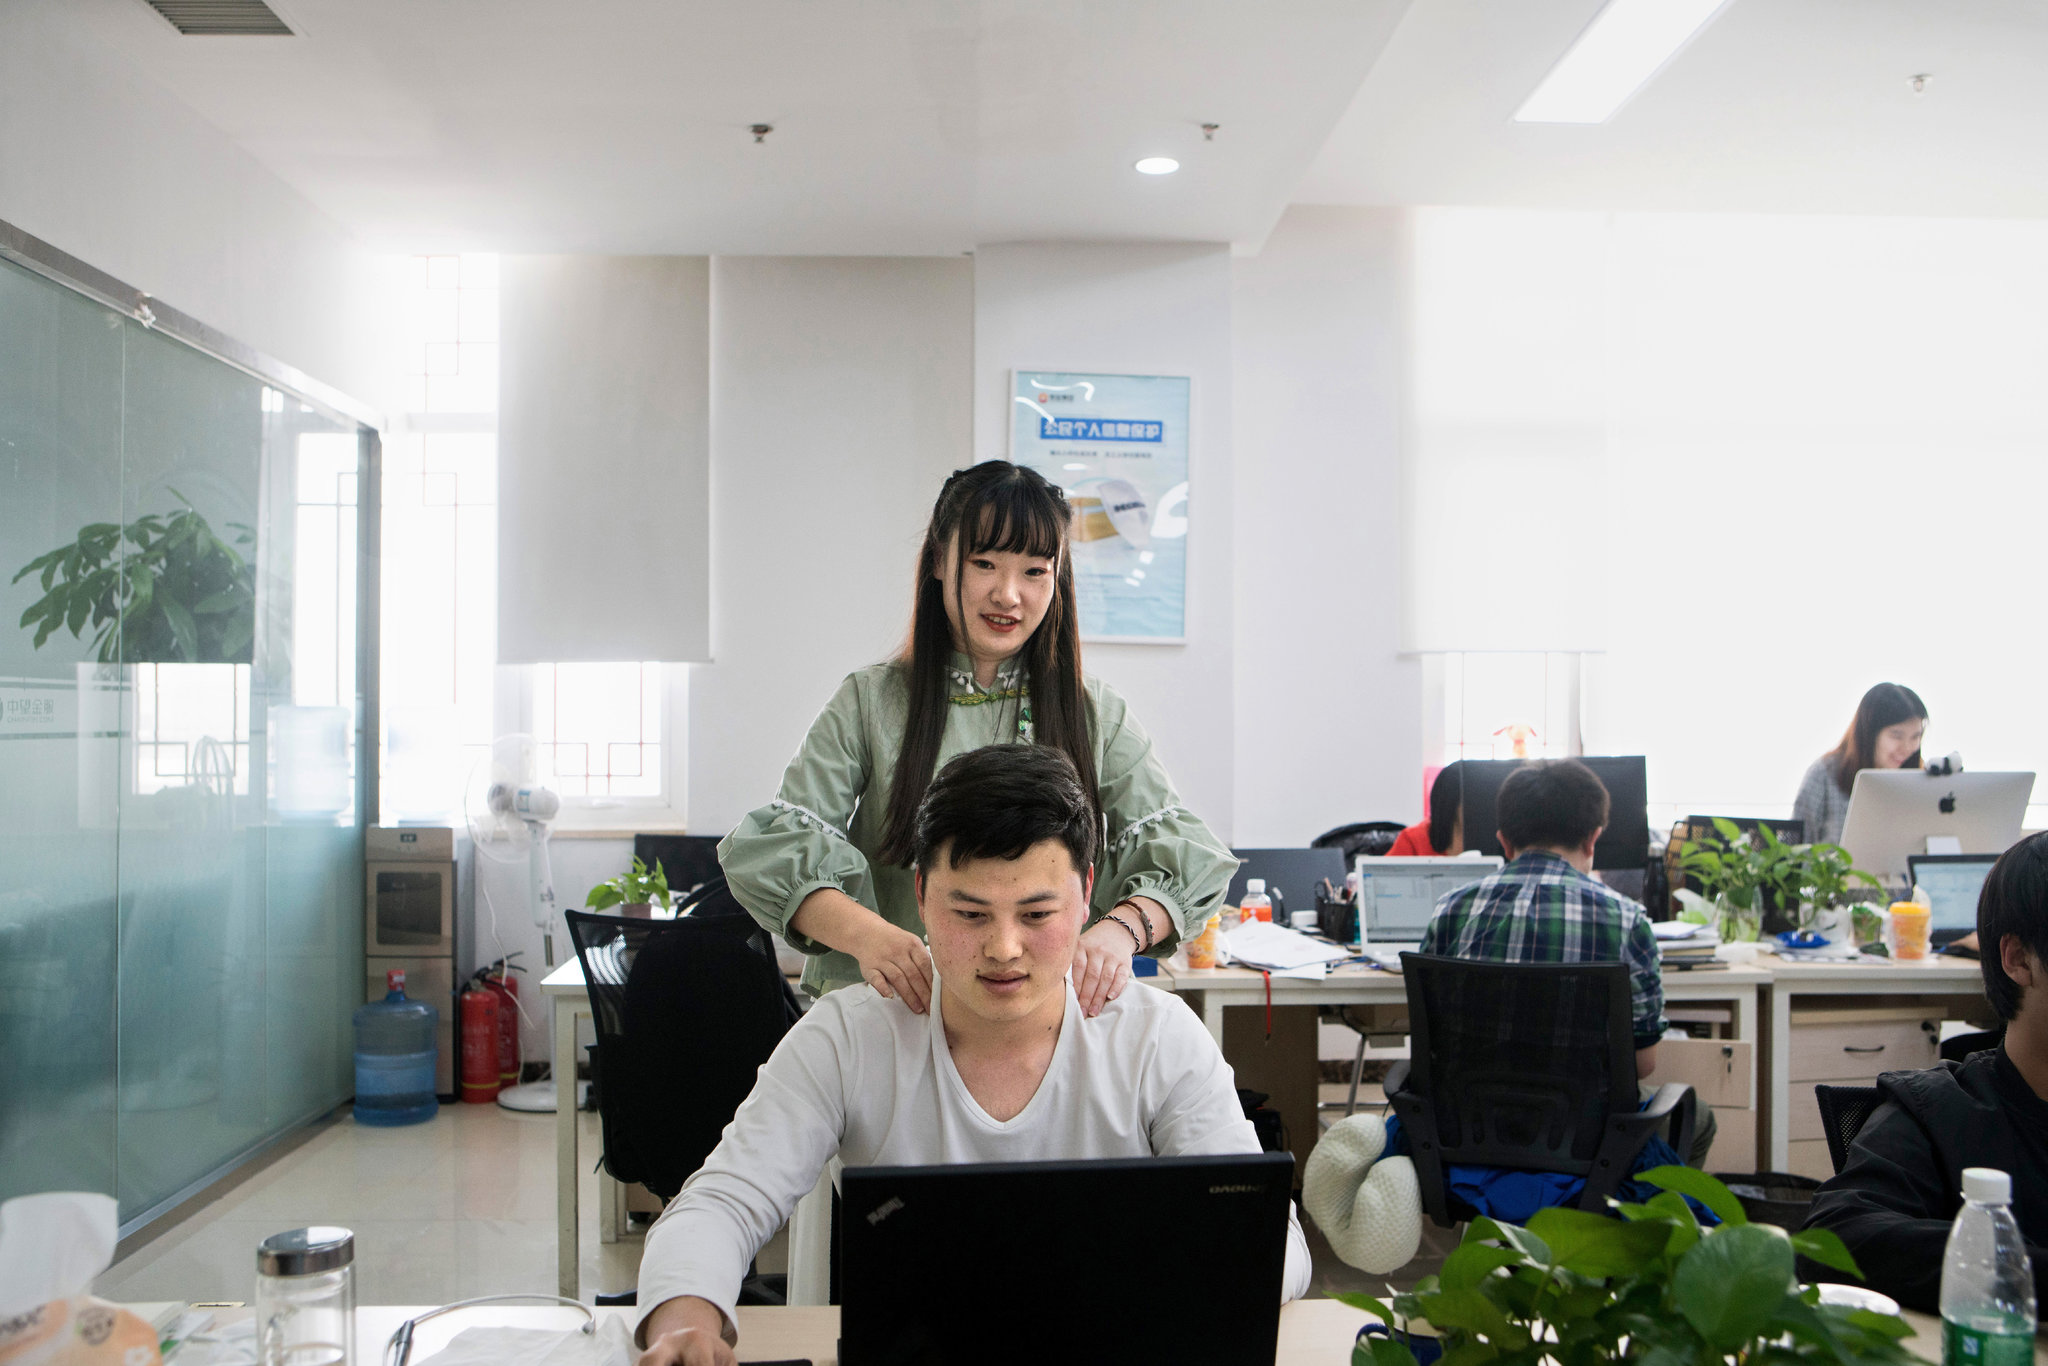 Китайскому стартапу требуется «привлекательная женщина для снятия стресса кодеров»